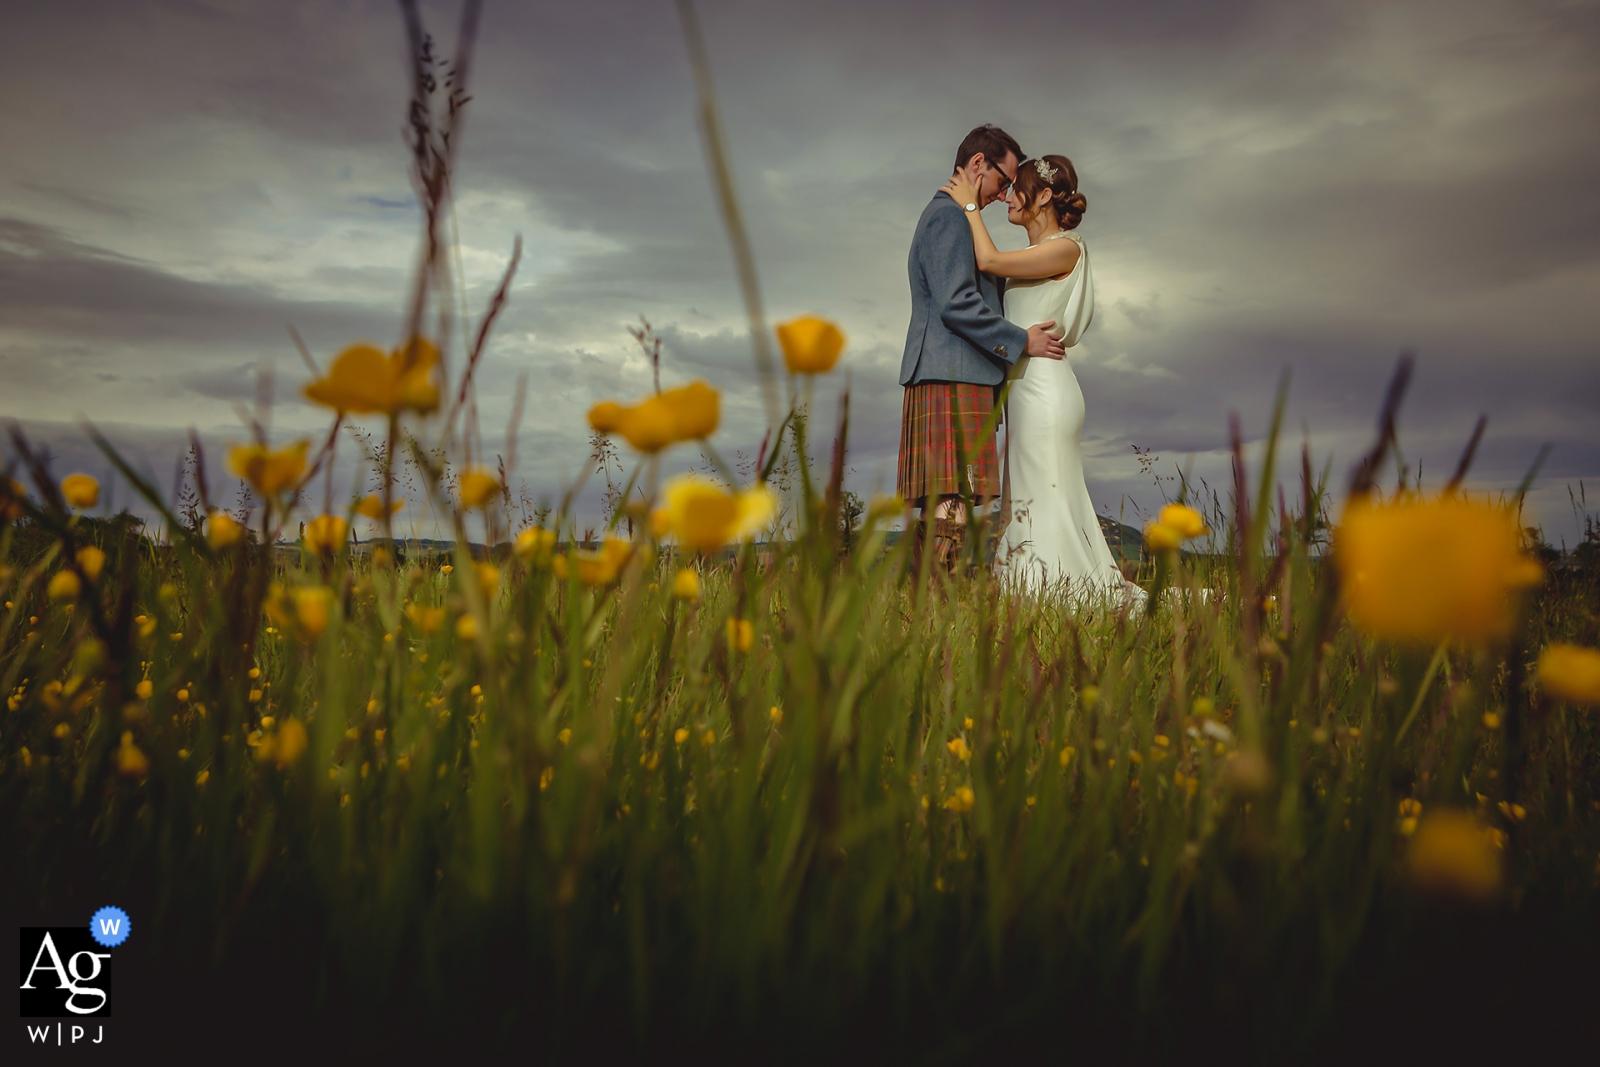 Schottland-Hochzeitsporträt von die Braut und der Bräutigam schossen durch langes Gras. Leuchtet bei ausgeschaltetem Kamerablitz.